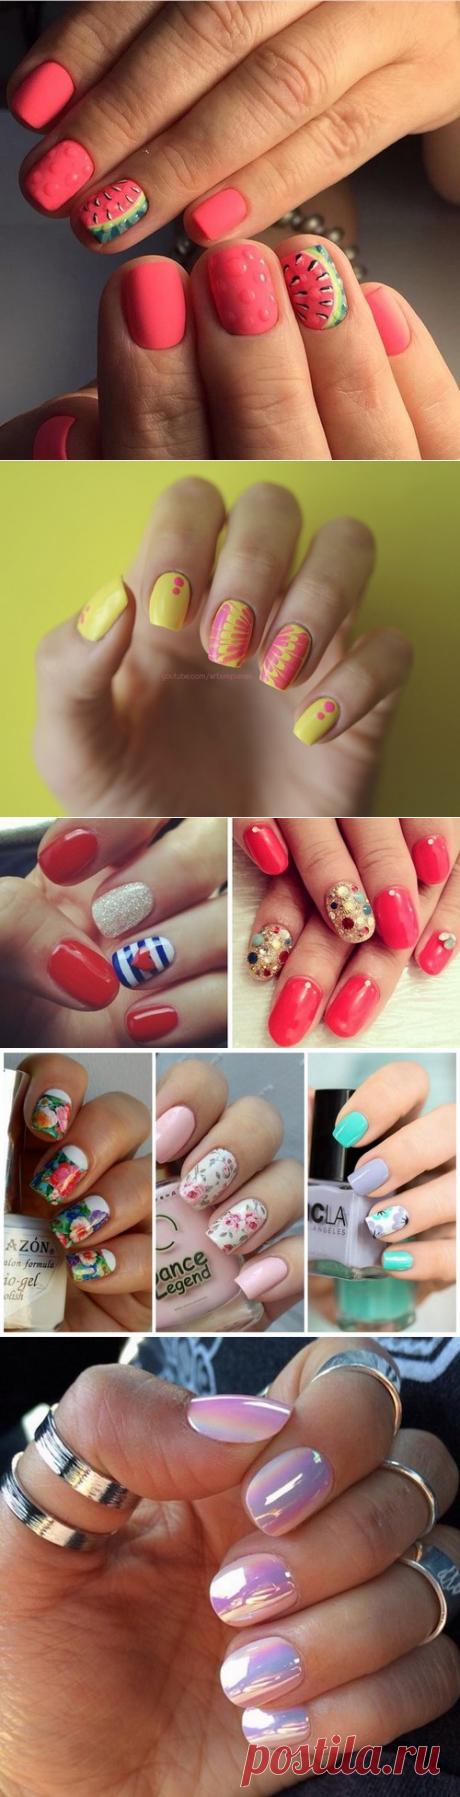 Лето уже скоро! Летний дизайн ногтей 2017-2018 - фото, новинки летнего дизайна ногтей | topxstyle.ru